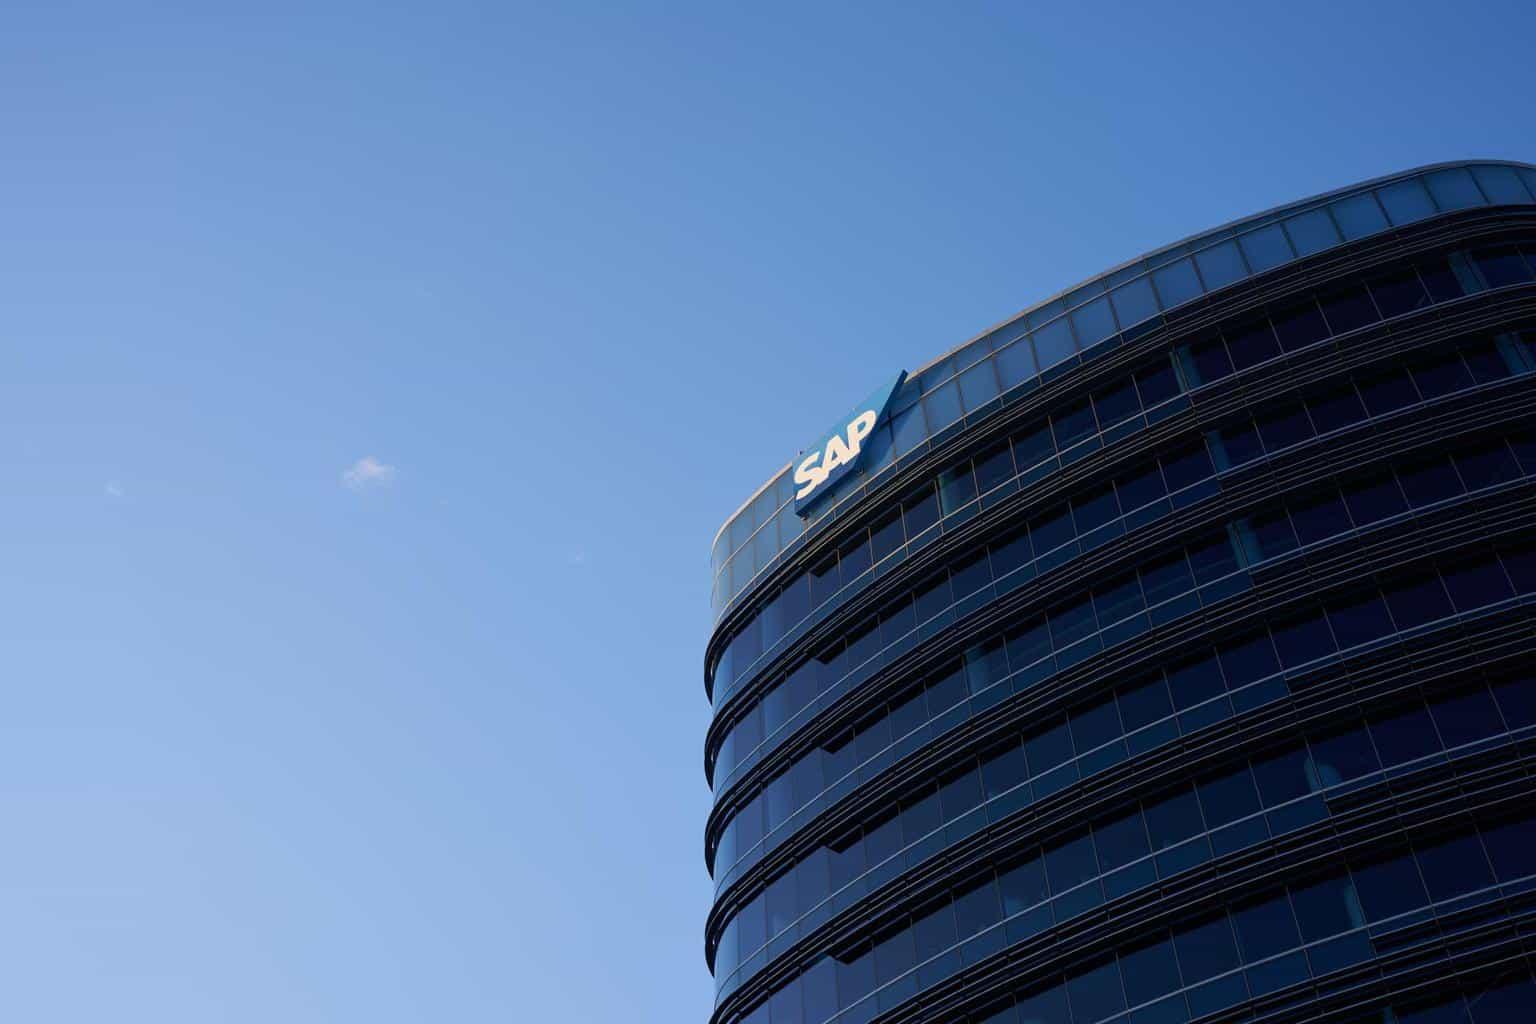 SAP setzt auf PHEV, Ladestationen & Subventionen bei Umstieg zu E-Mobilität